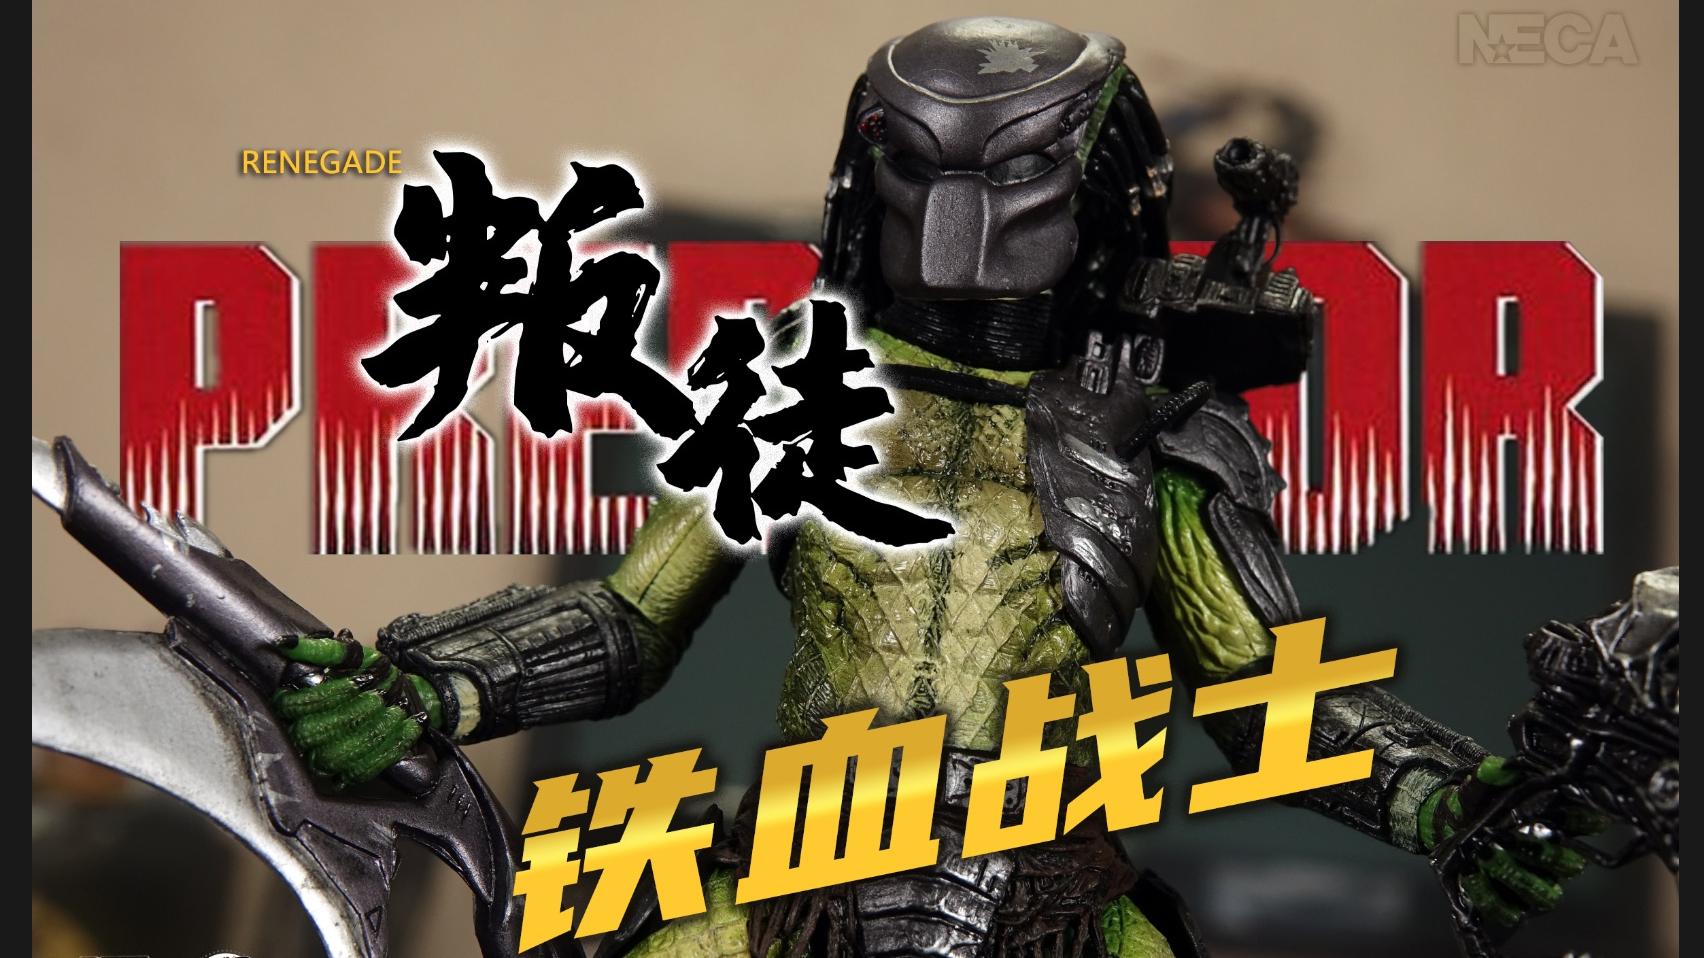 【为爱而生】NECA 叛徒铁血 铁血战士 13波 奶咖 RENEGADE